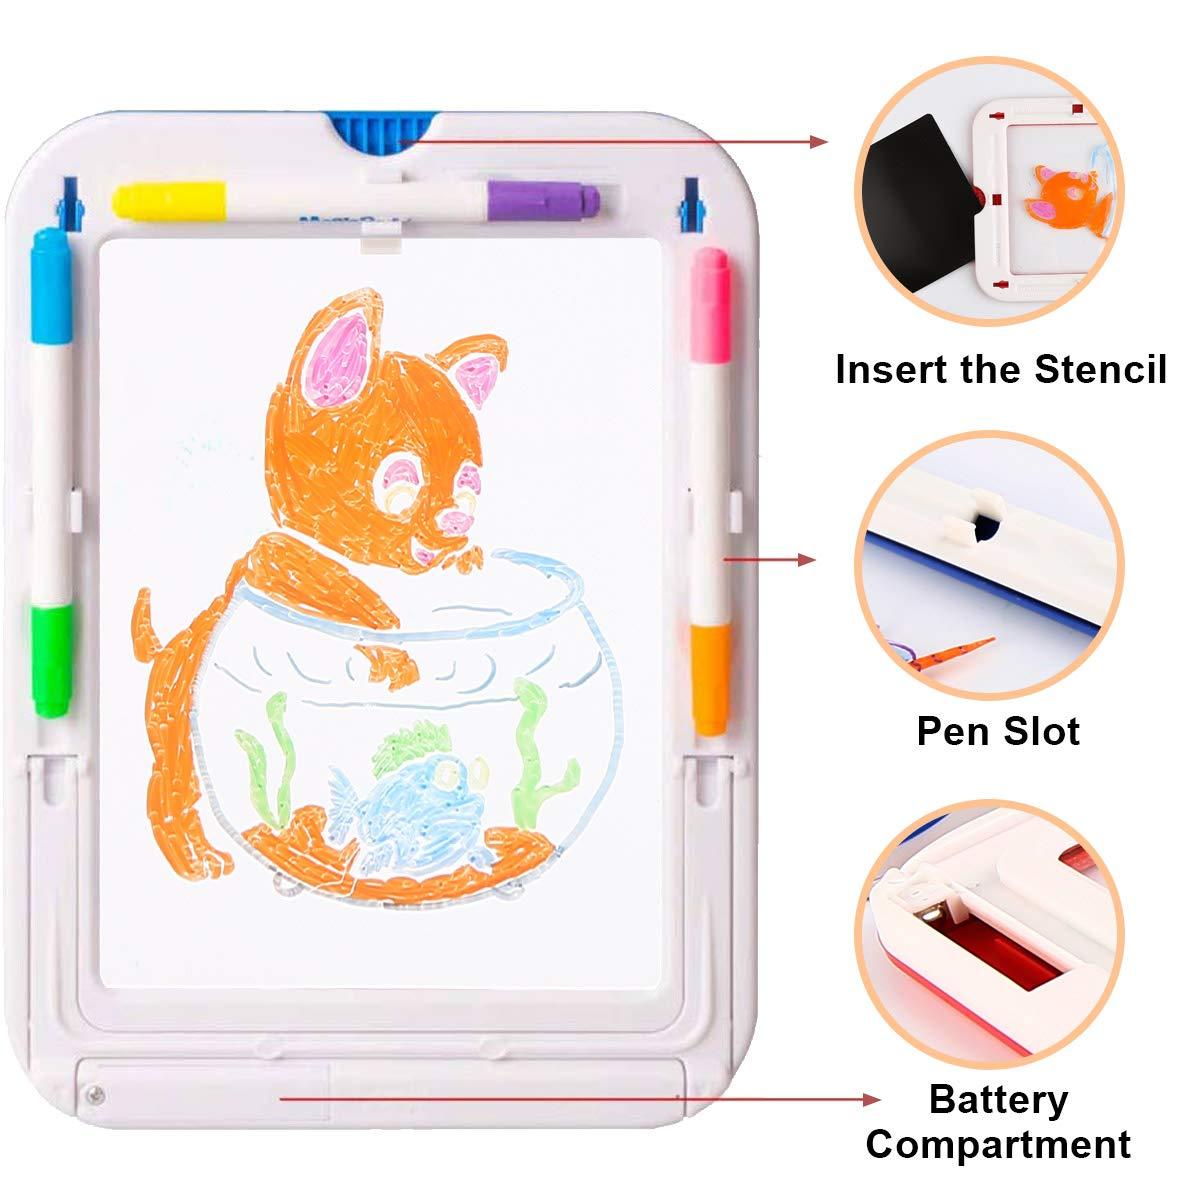 Magic Pad 2 STK Zaubertafel f/ür Kinder mit 6 Doppelseitige Buntstifte Schreibtafel LCD Geburtstagsgeschenk f/ür Kinder ab 3 Jahre 60 Schablonen Entwirft Zeichnungen